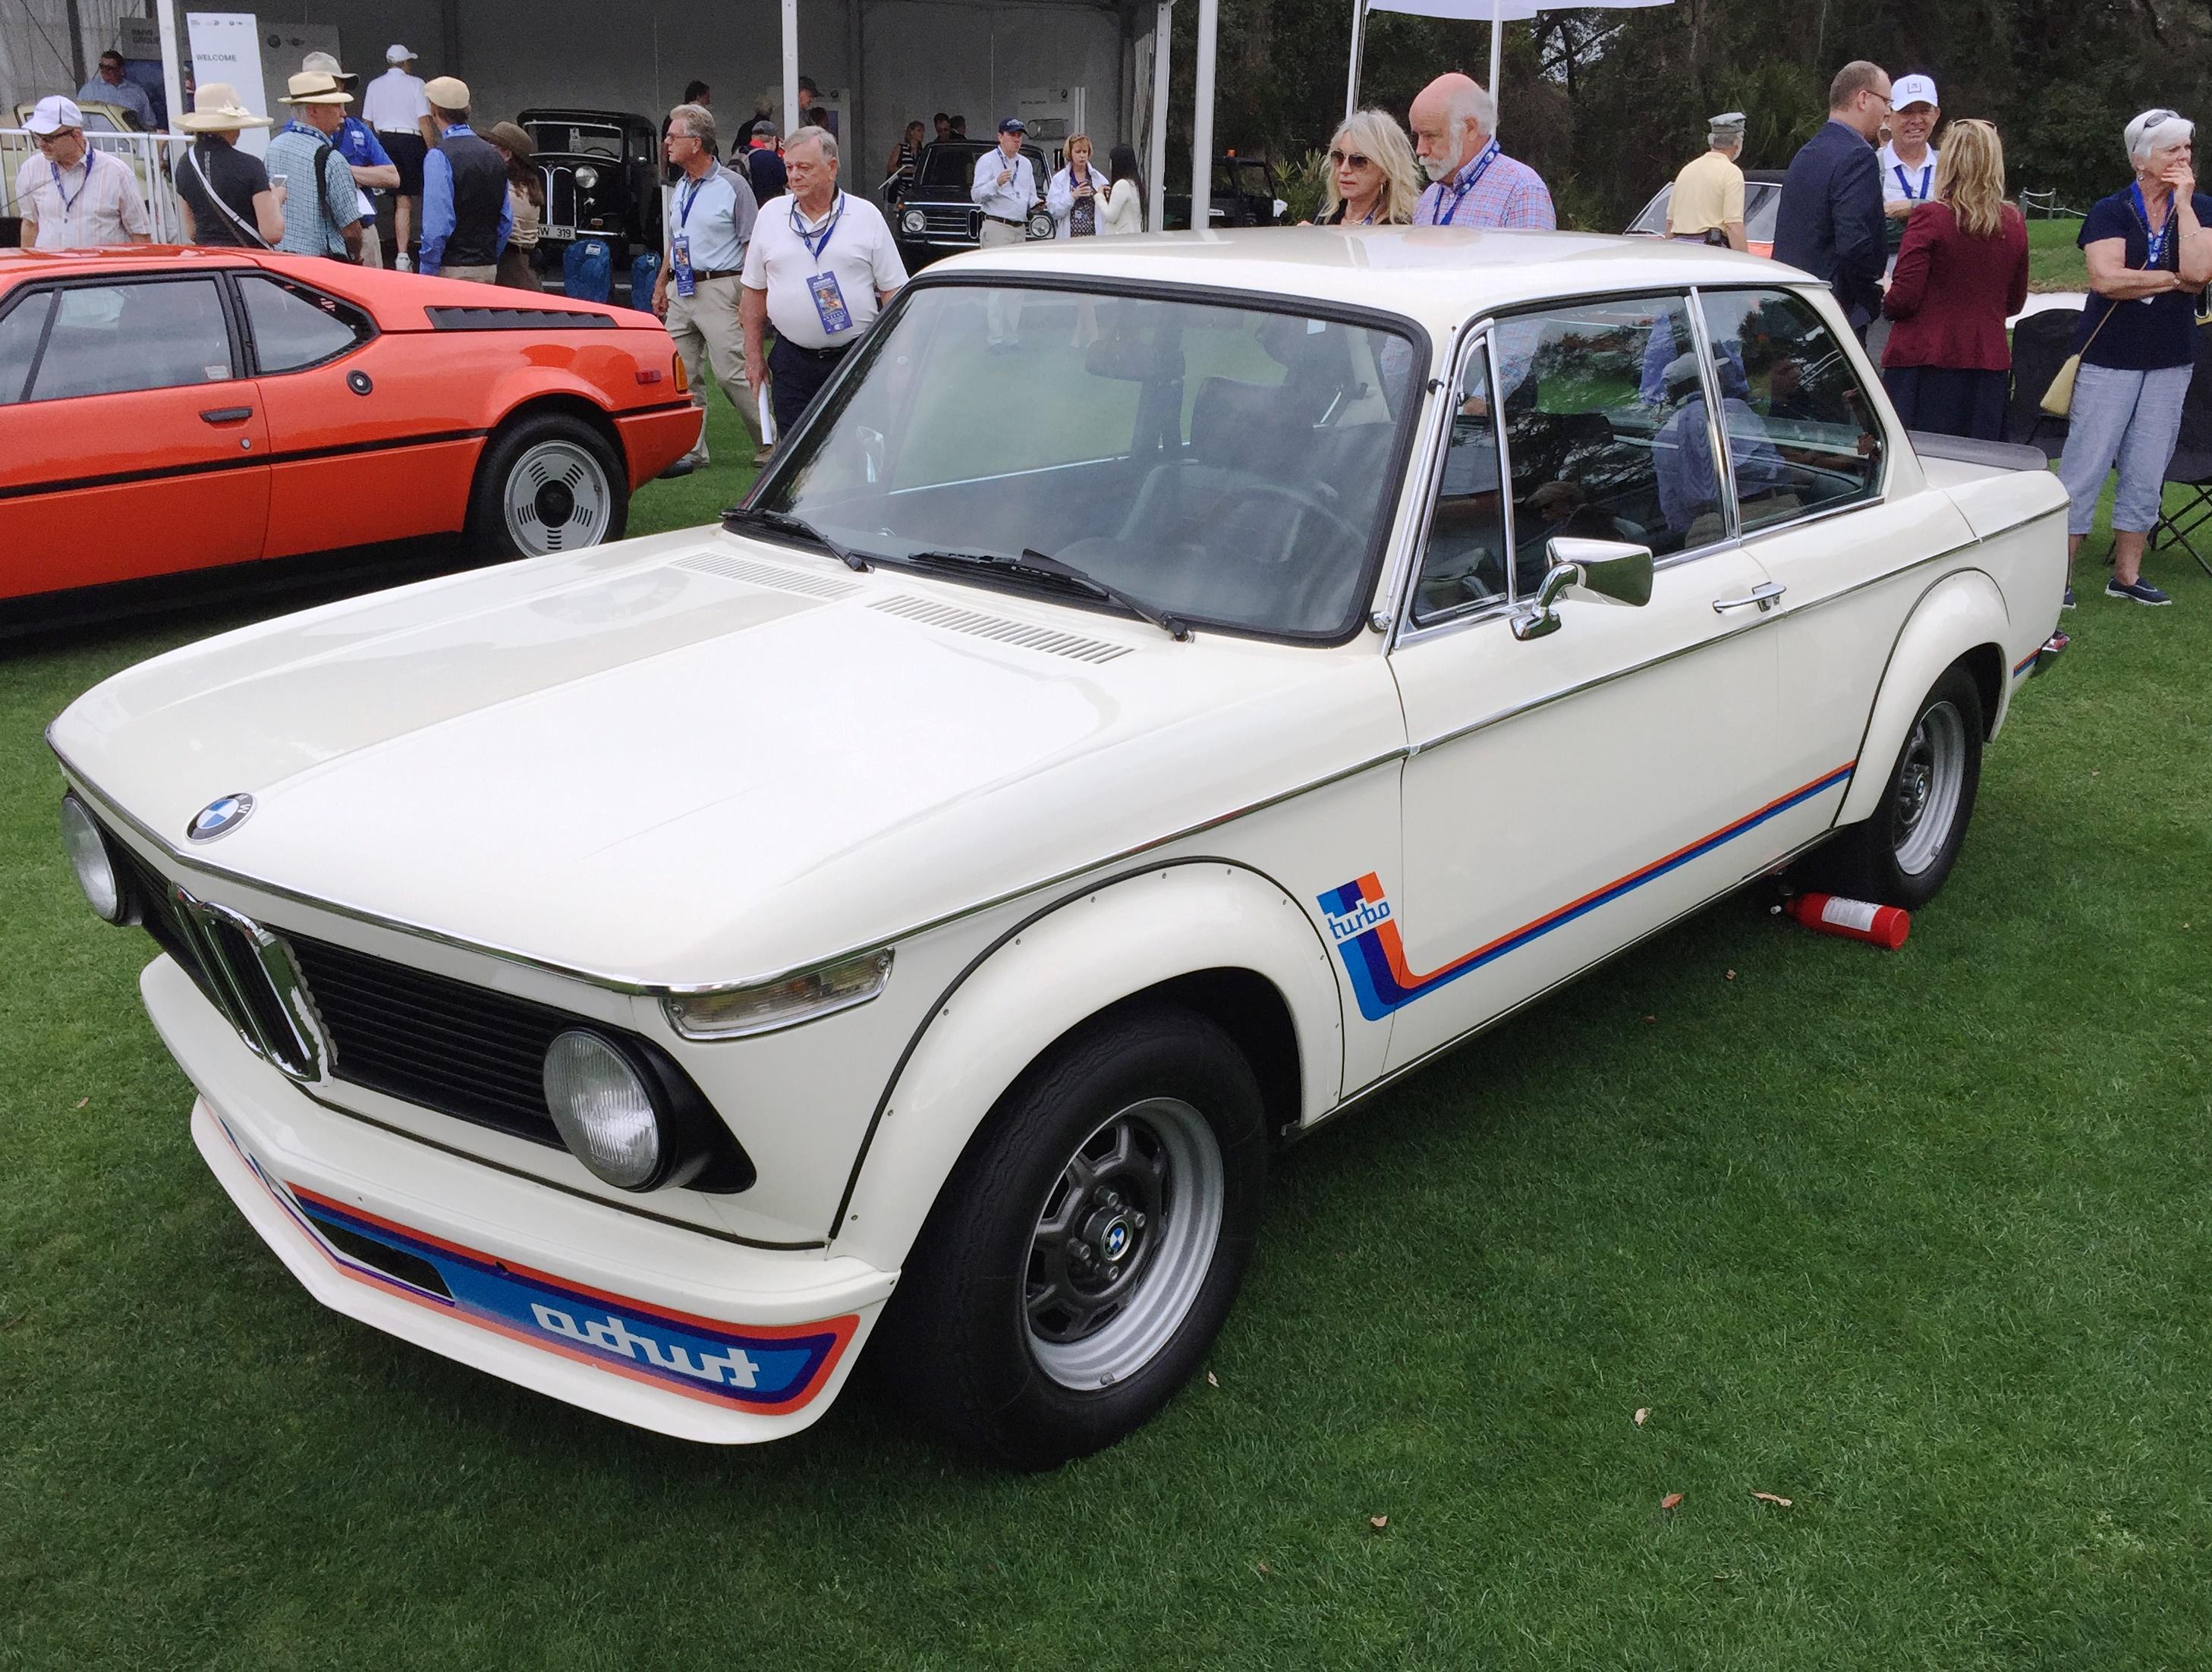 BMW 2002 turbo - amelia island concours